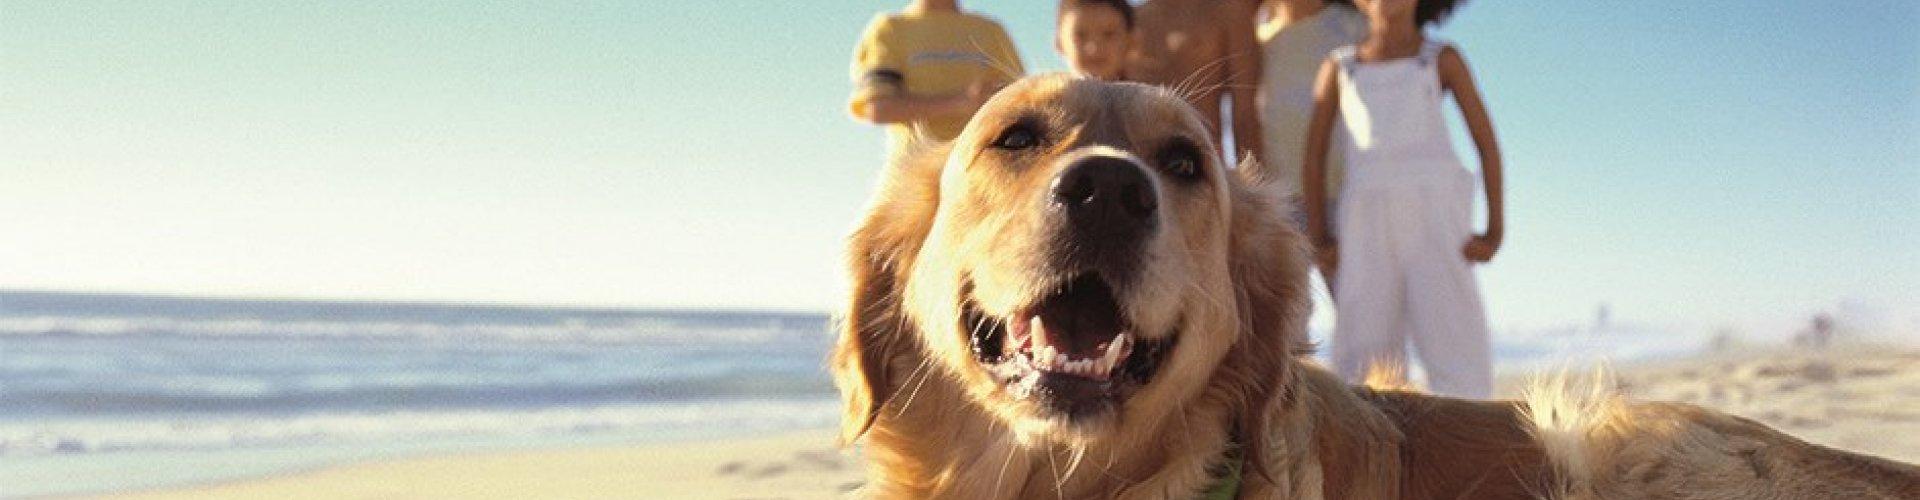 Familienurlaub mit Hund